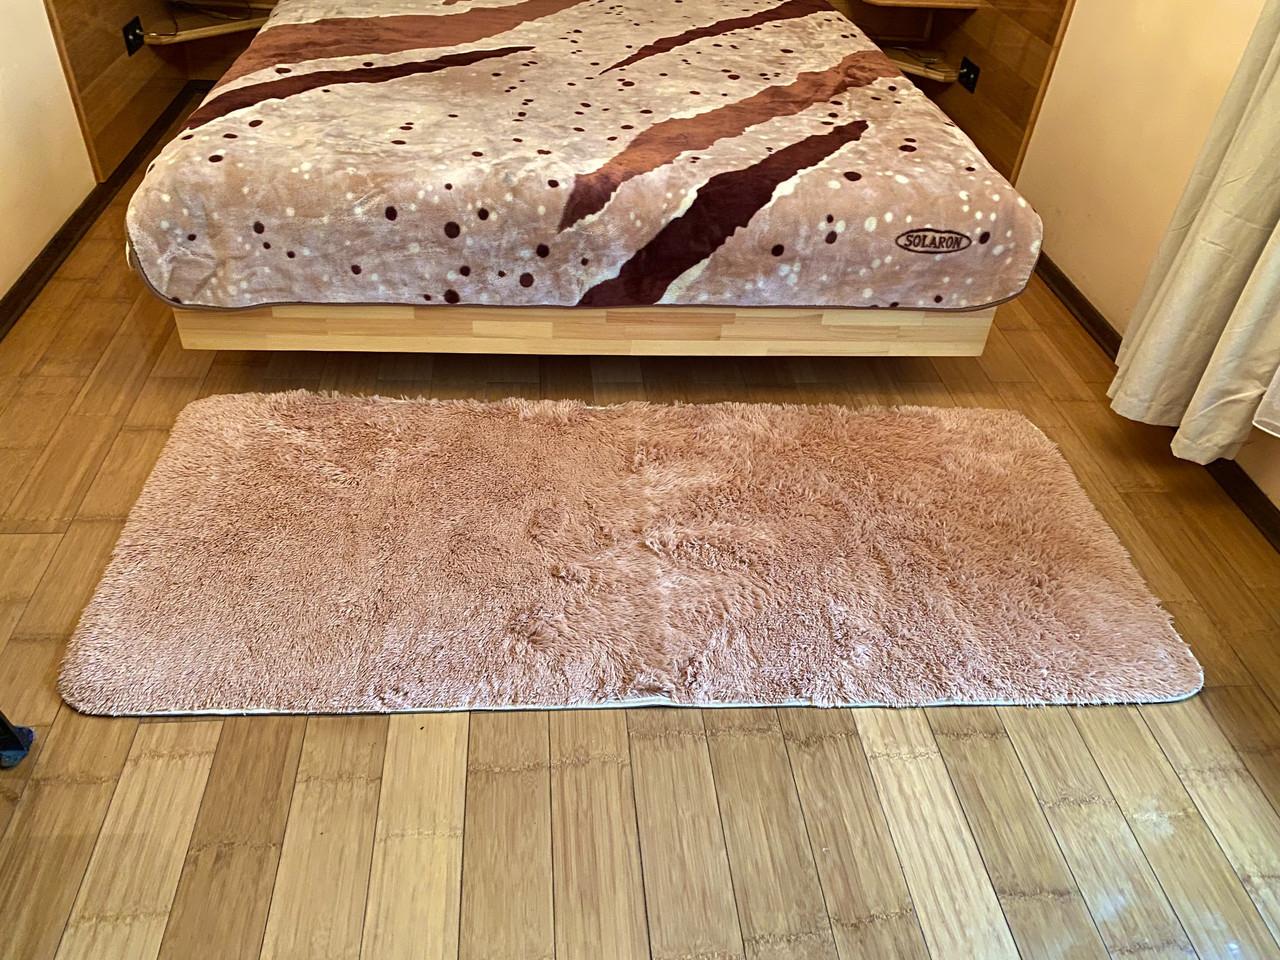 Меховый ворсистый коврик Травка 200х90/прикроватный коврик с длинным ворсом